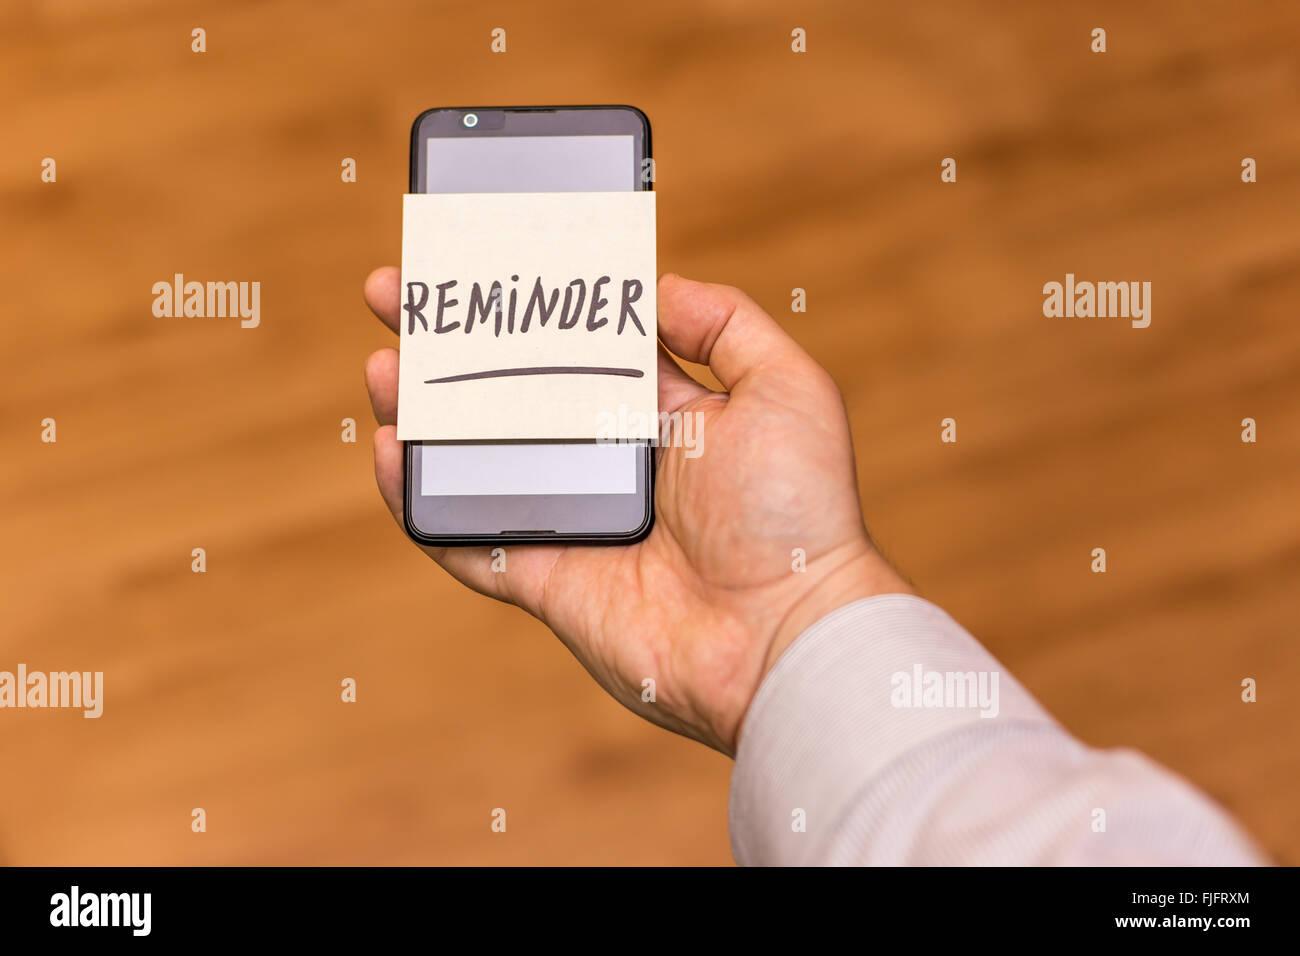 Human hand holding smartphone avec une note jaune collé sur elle. Rappel Le mot est écrit sur la note. Photo Stock